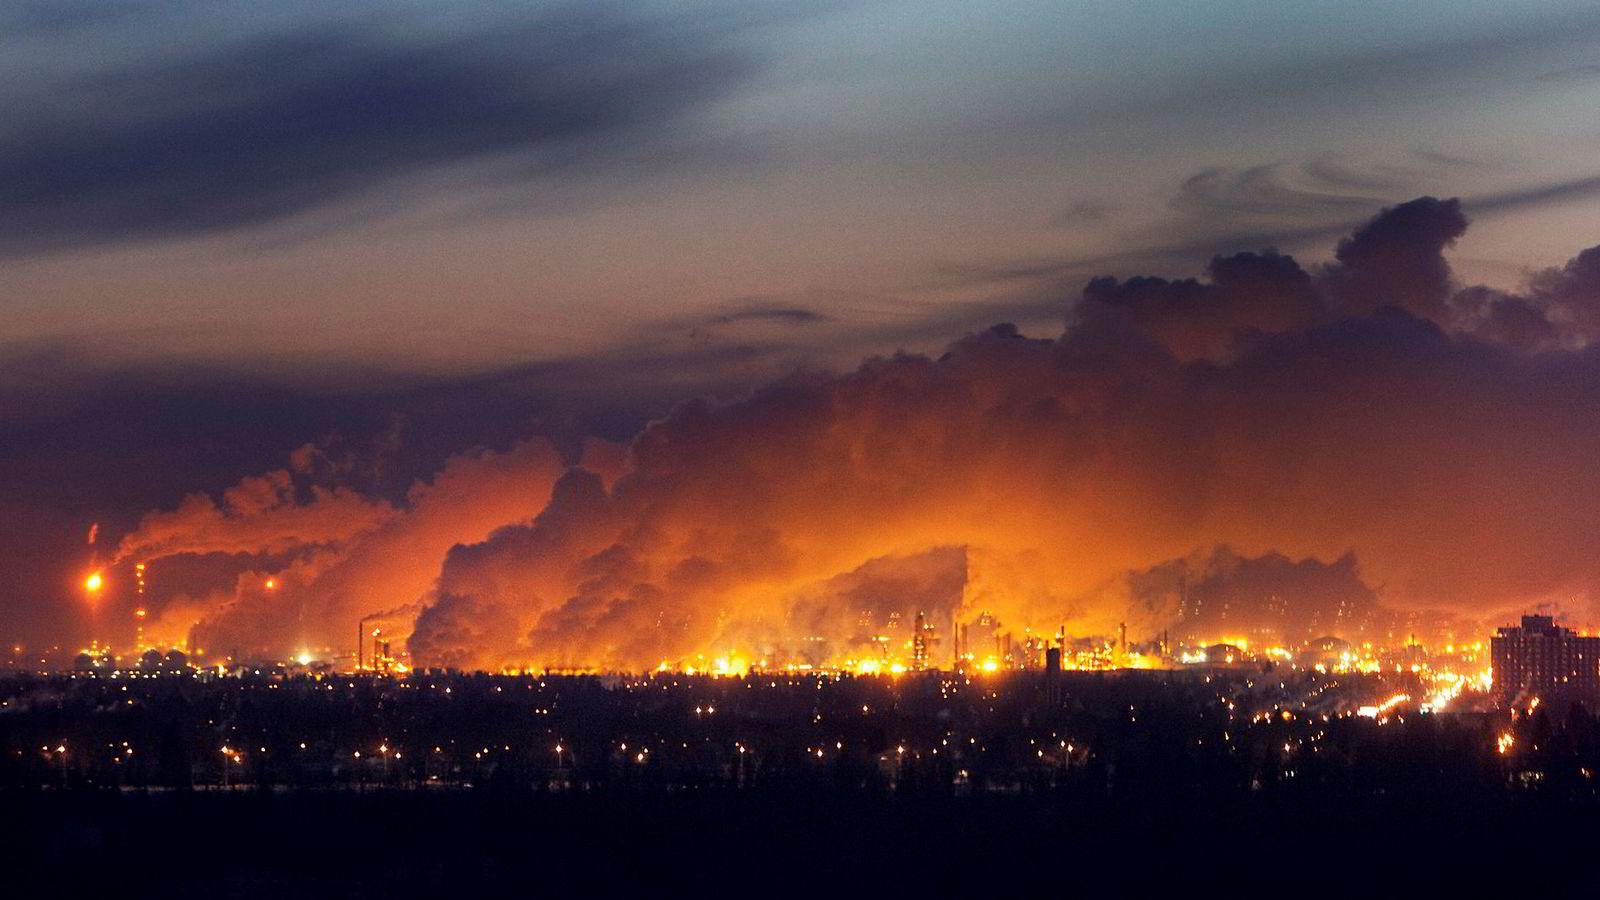 Oljeindustrien har hatt kunnskap om klimaendringene siden 50-tallet, hevder advokat Carroll Muffett.